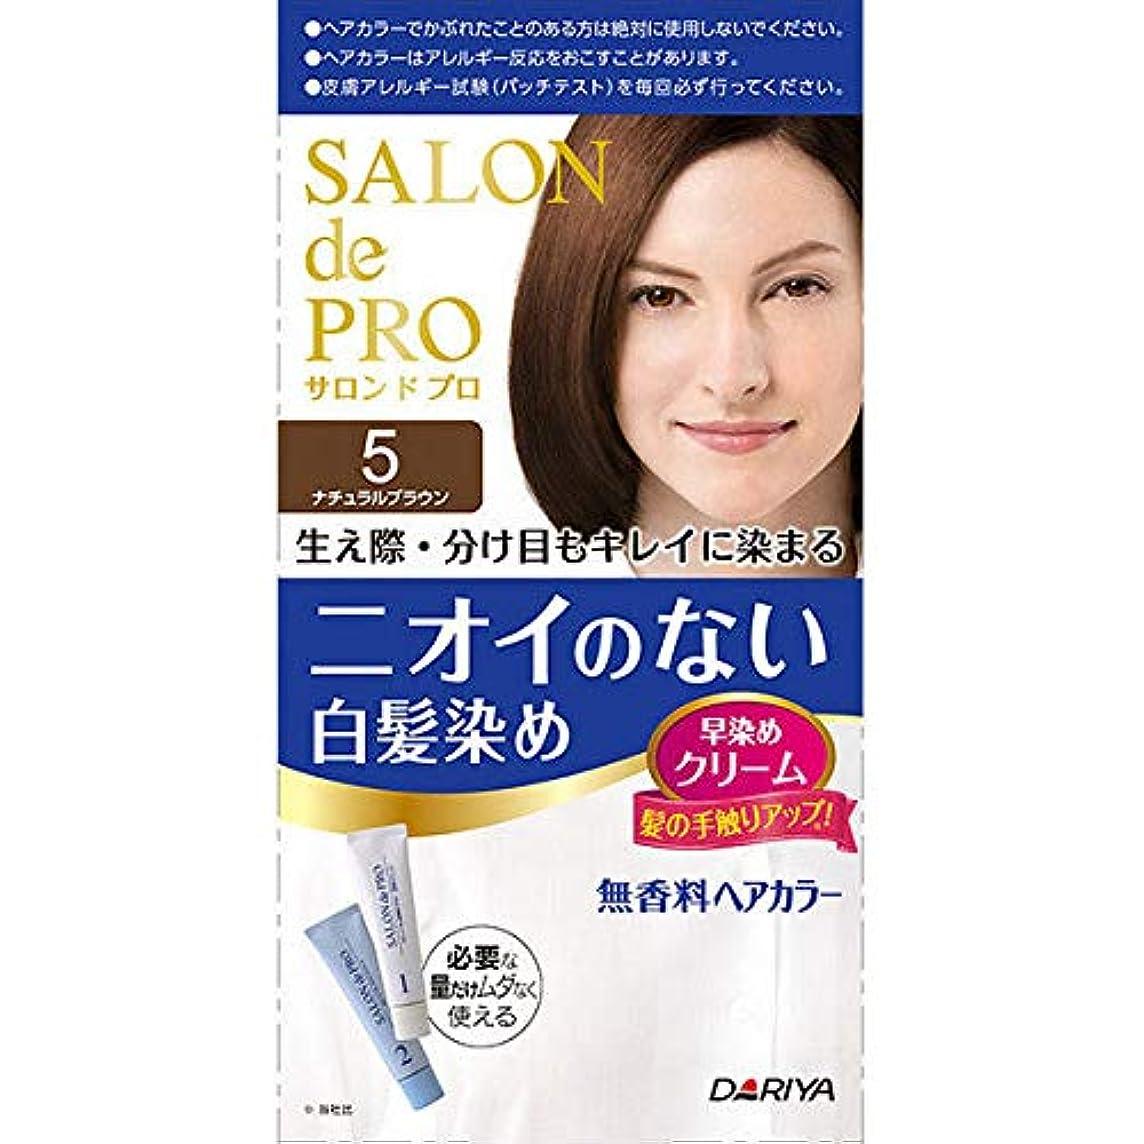 結婚した韓国感嘆ダリヤ サロン ド プロ 無香料ヘアカラー 早染めクリーム(白髪用) 5 ナチュラルブラウン 40g+40g